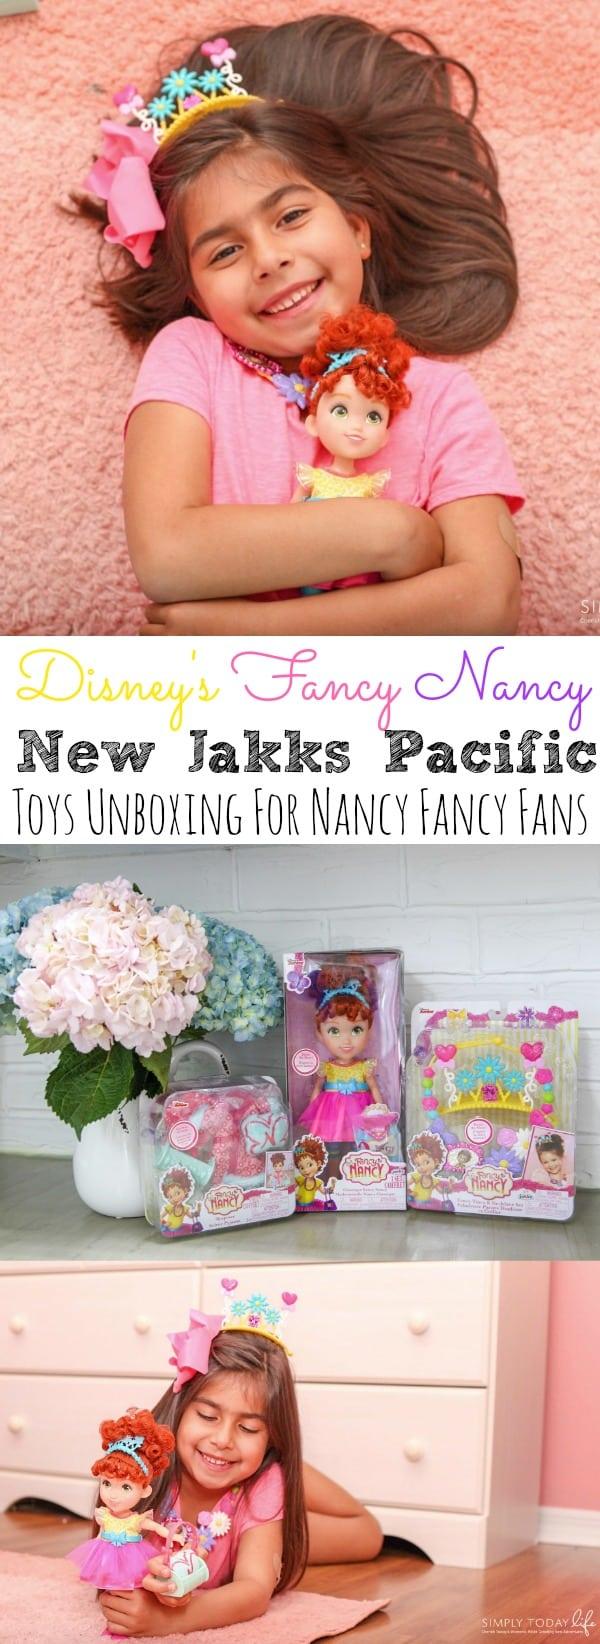 New Disney's Fancy Nancy Toys Unboxing | Jakks Pacific Toys - simplytodaylife.com